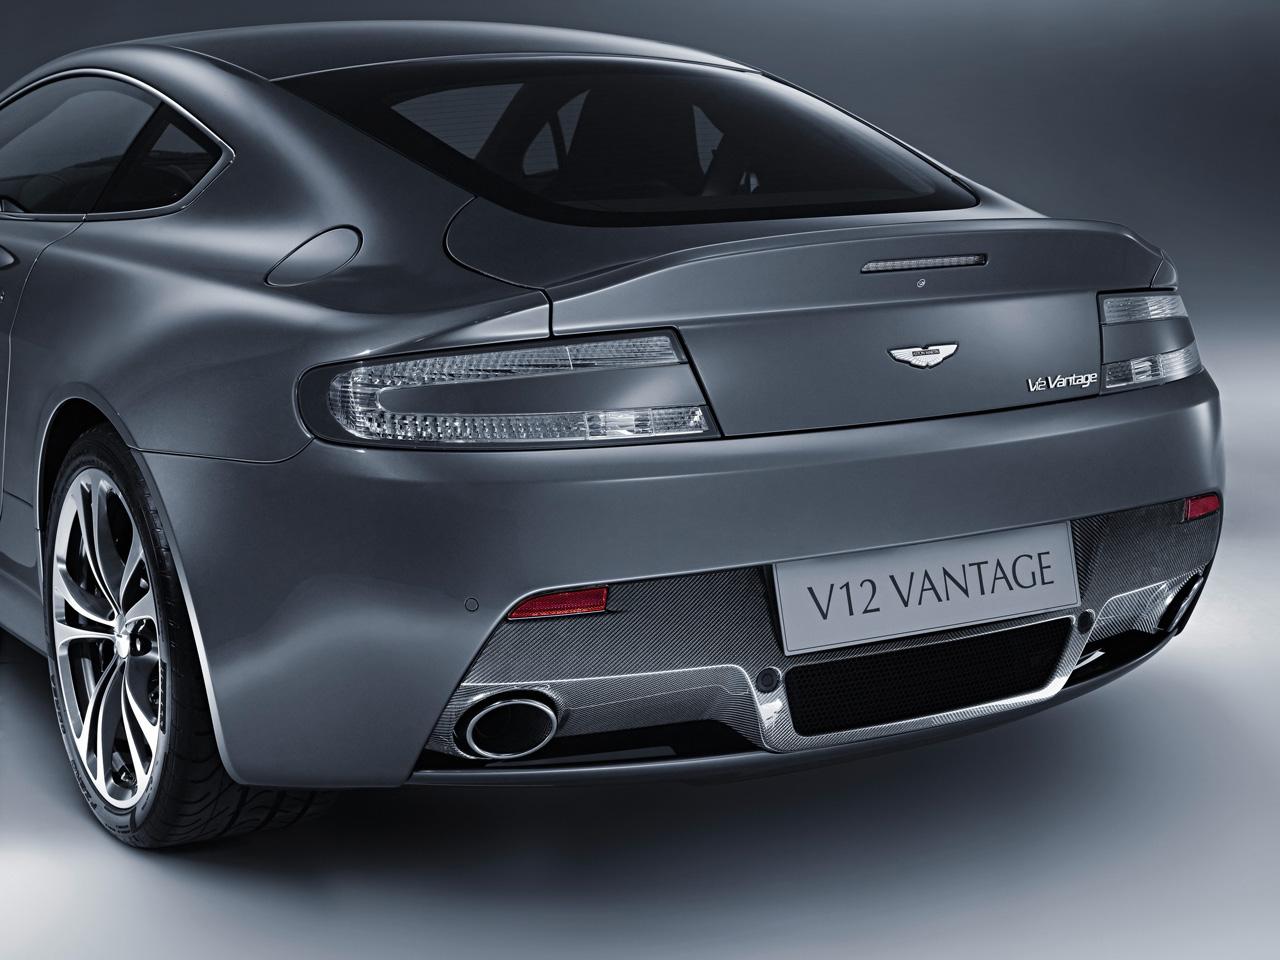 Aston Martin V12 Vanquish Top Speed